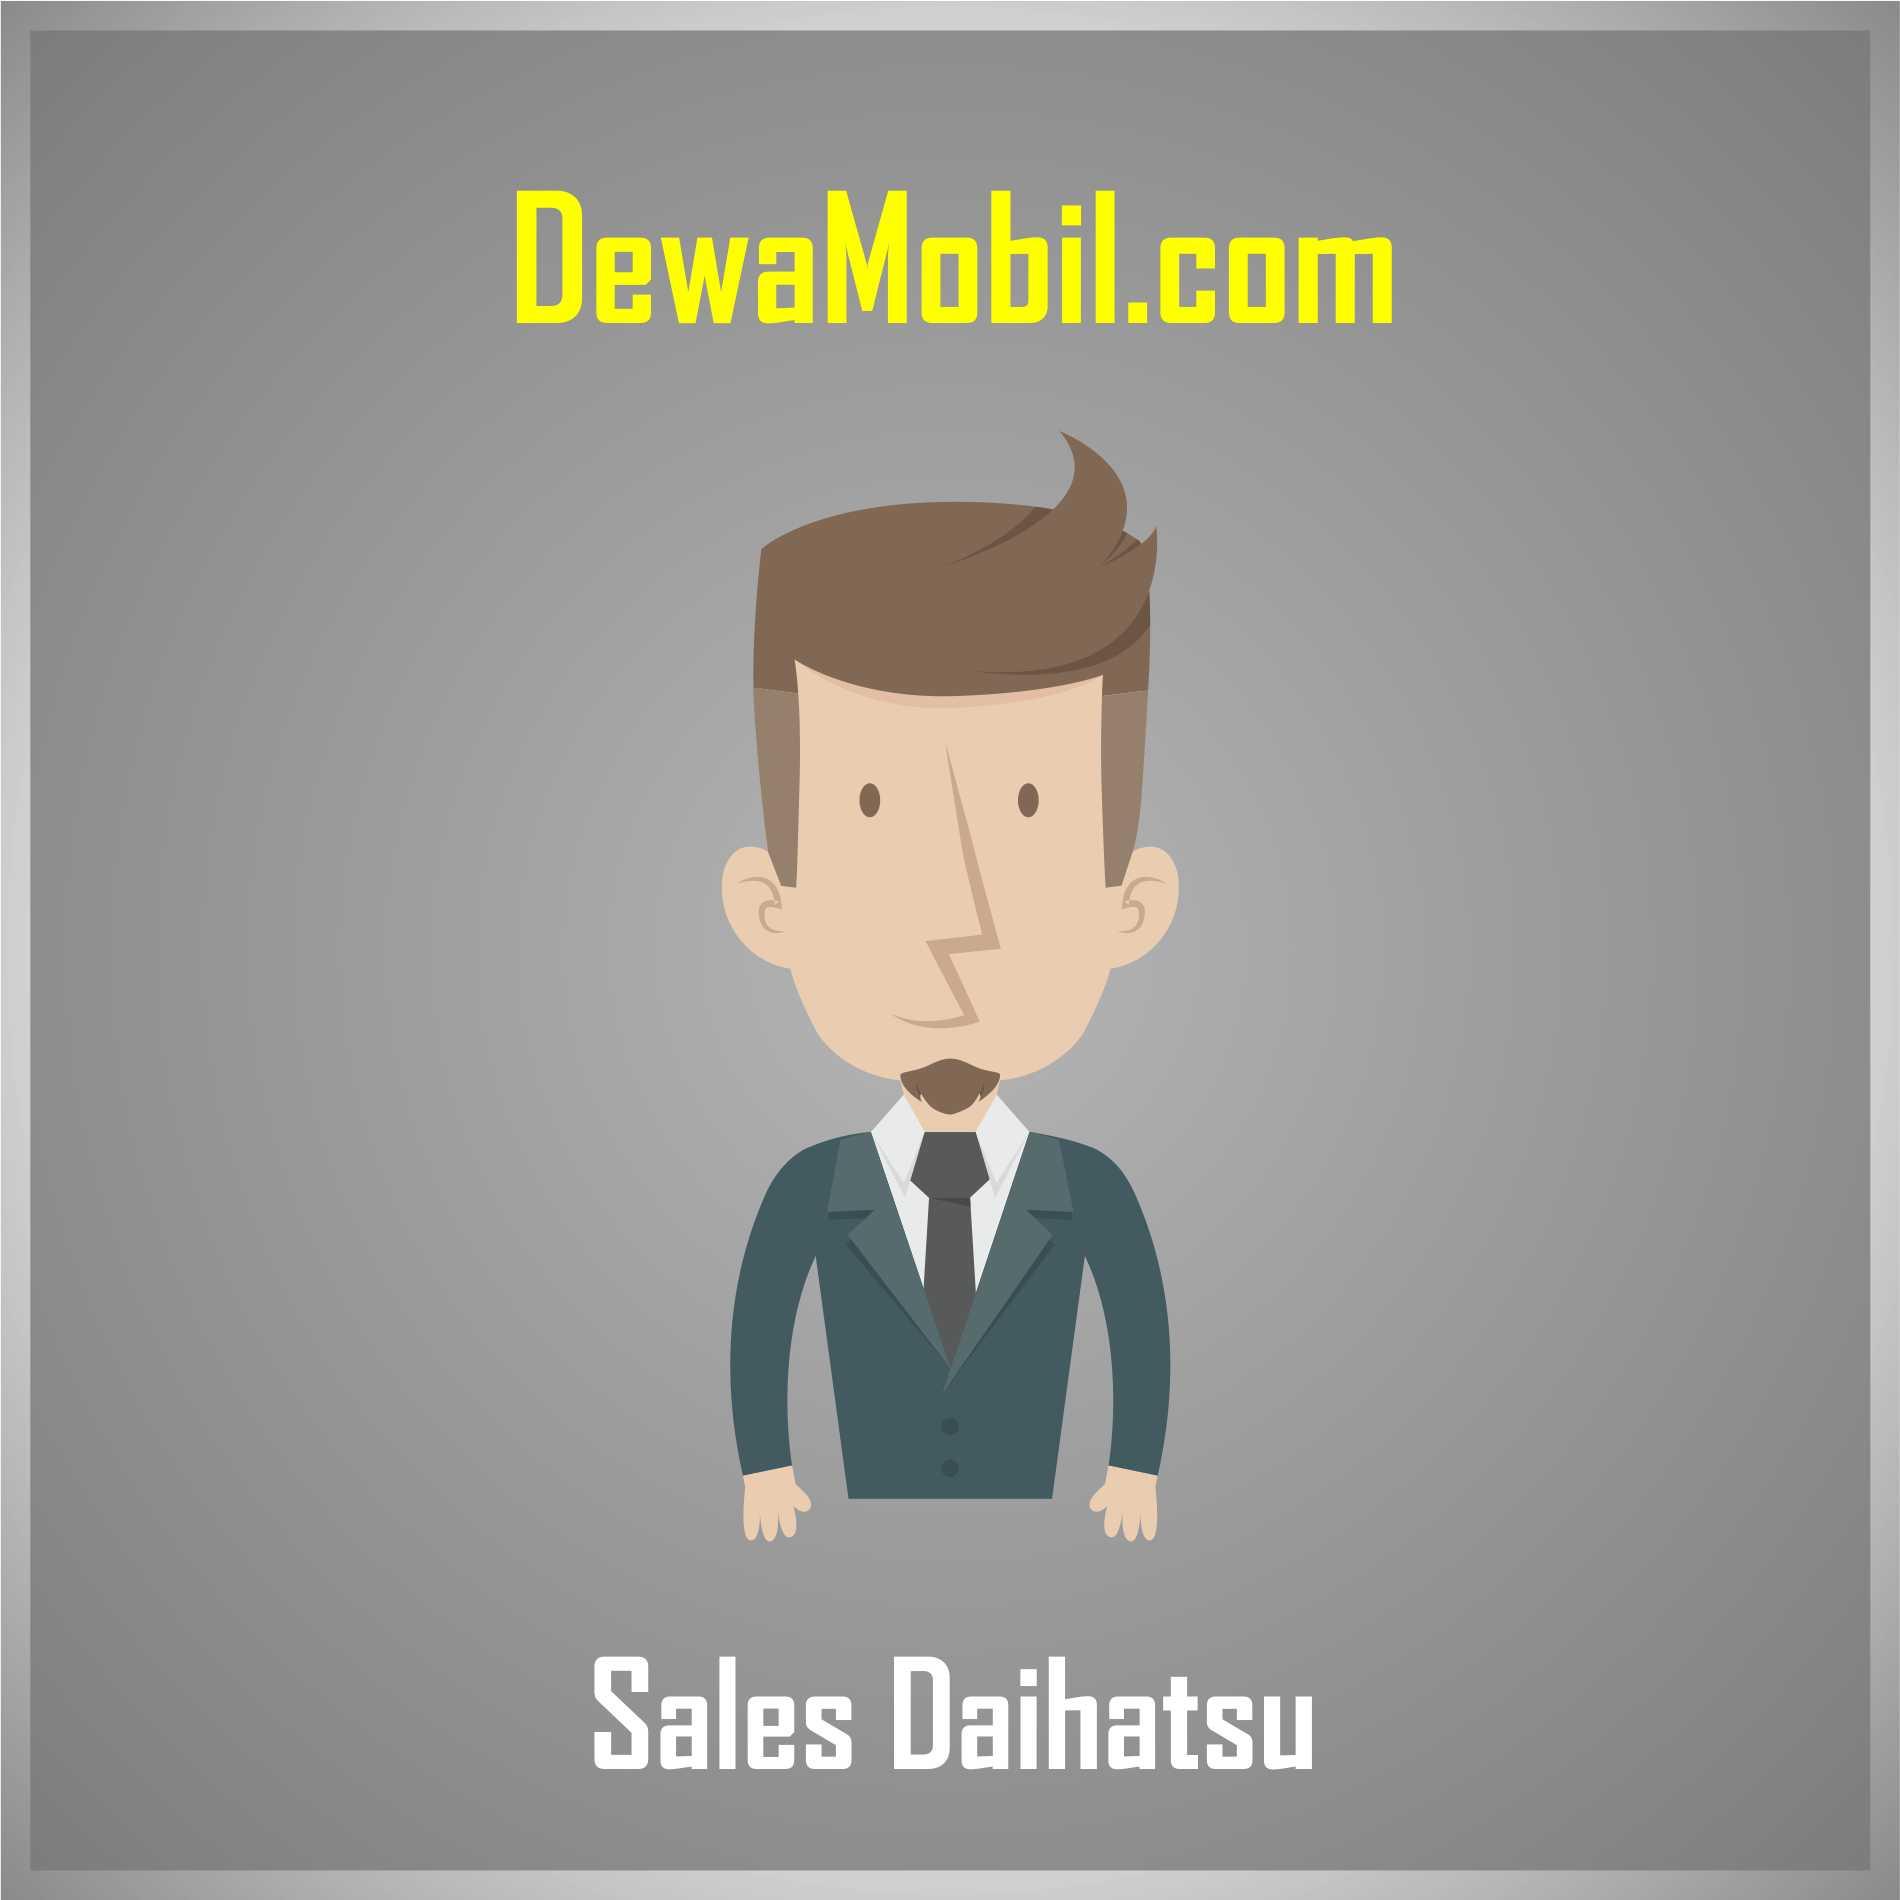 Daihatsu majalengka